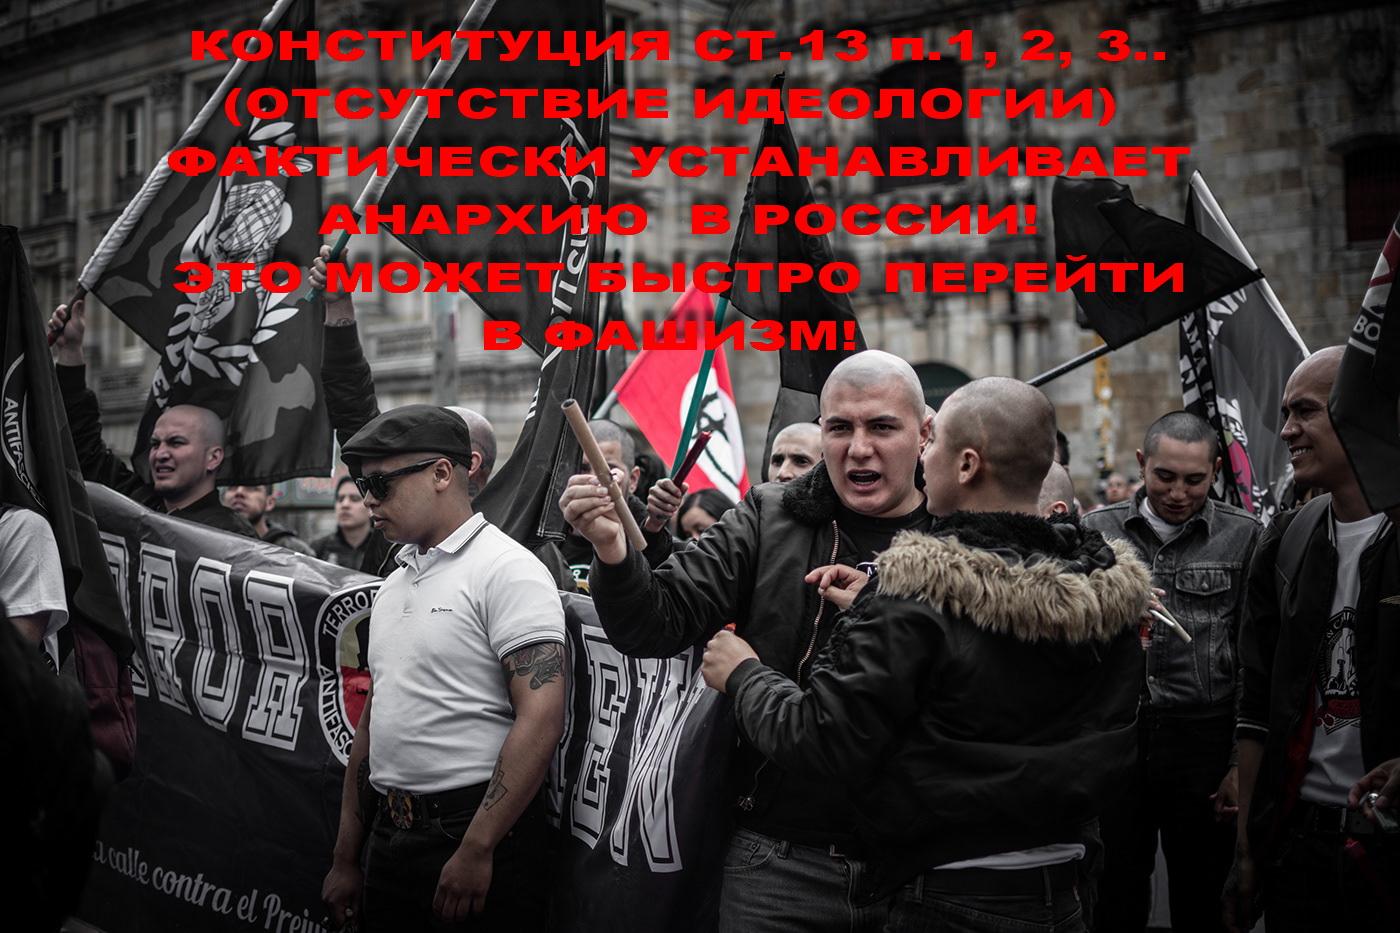 анархия, Россия, конституция, отсутствие, идеологии